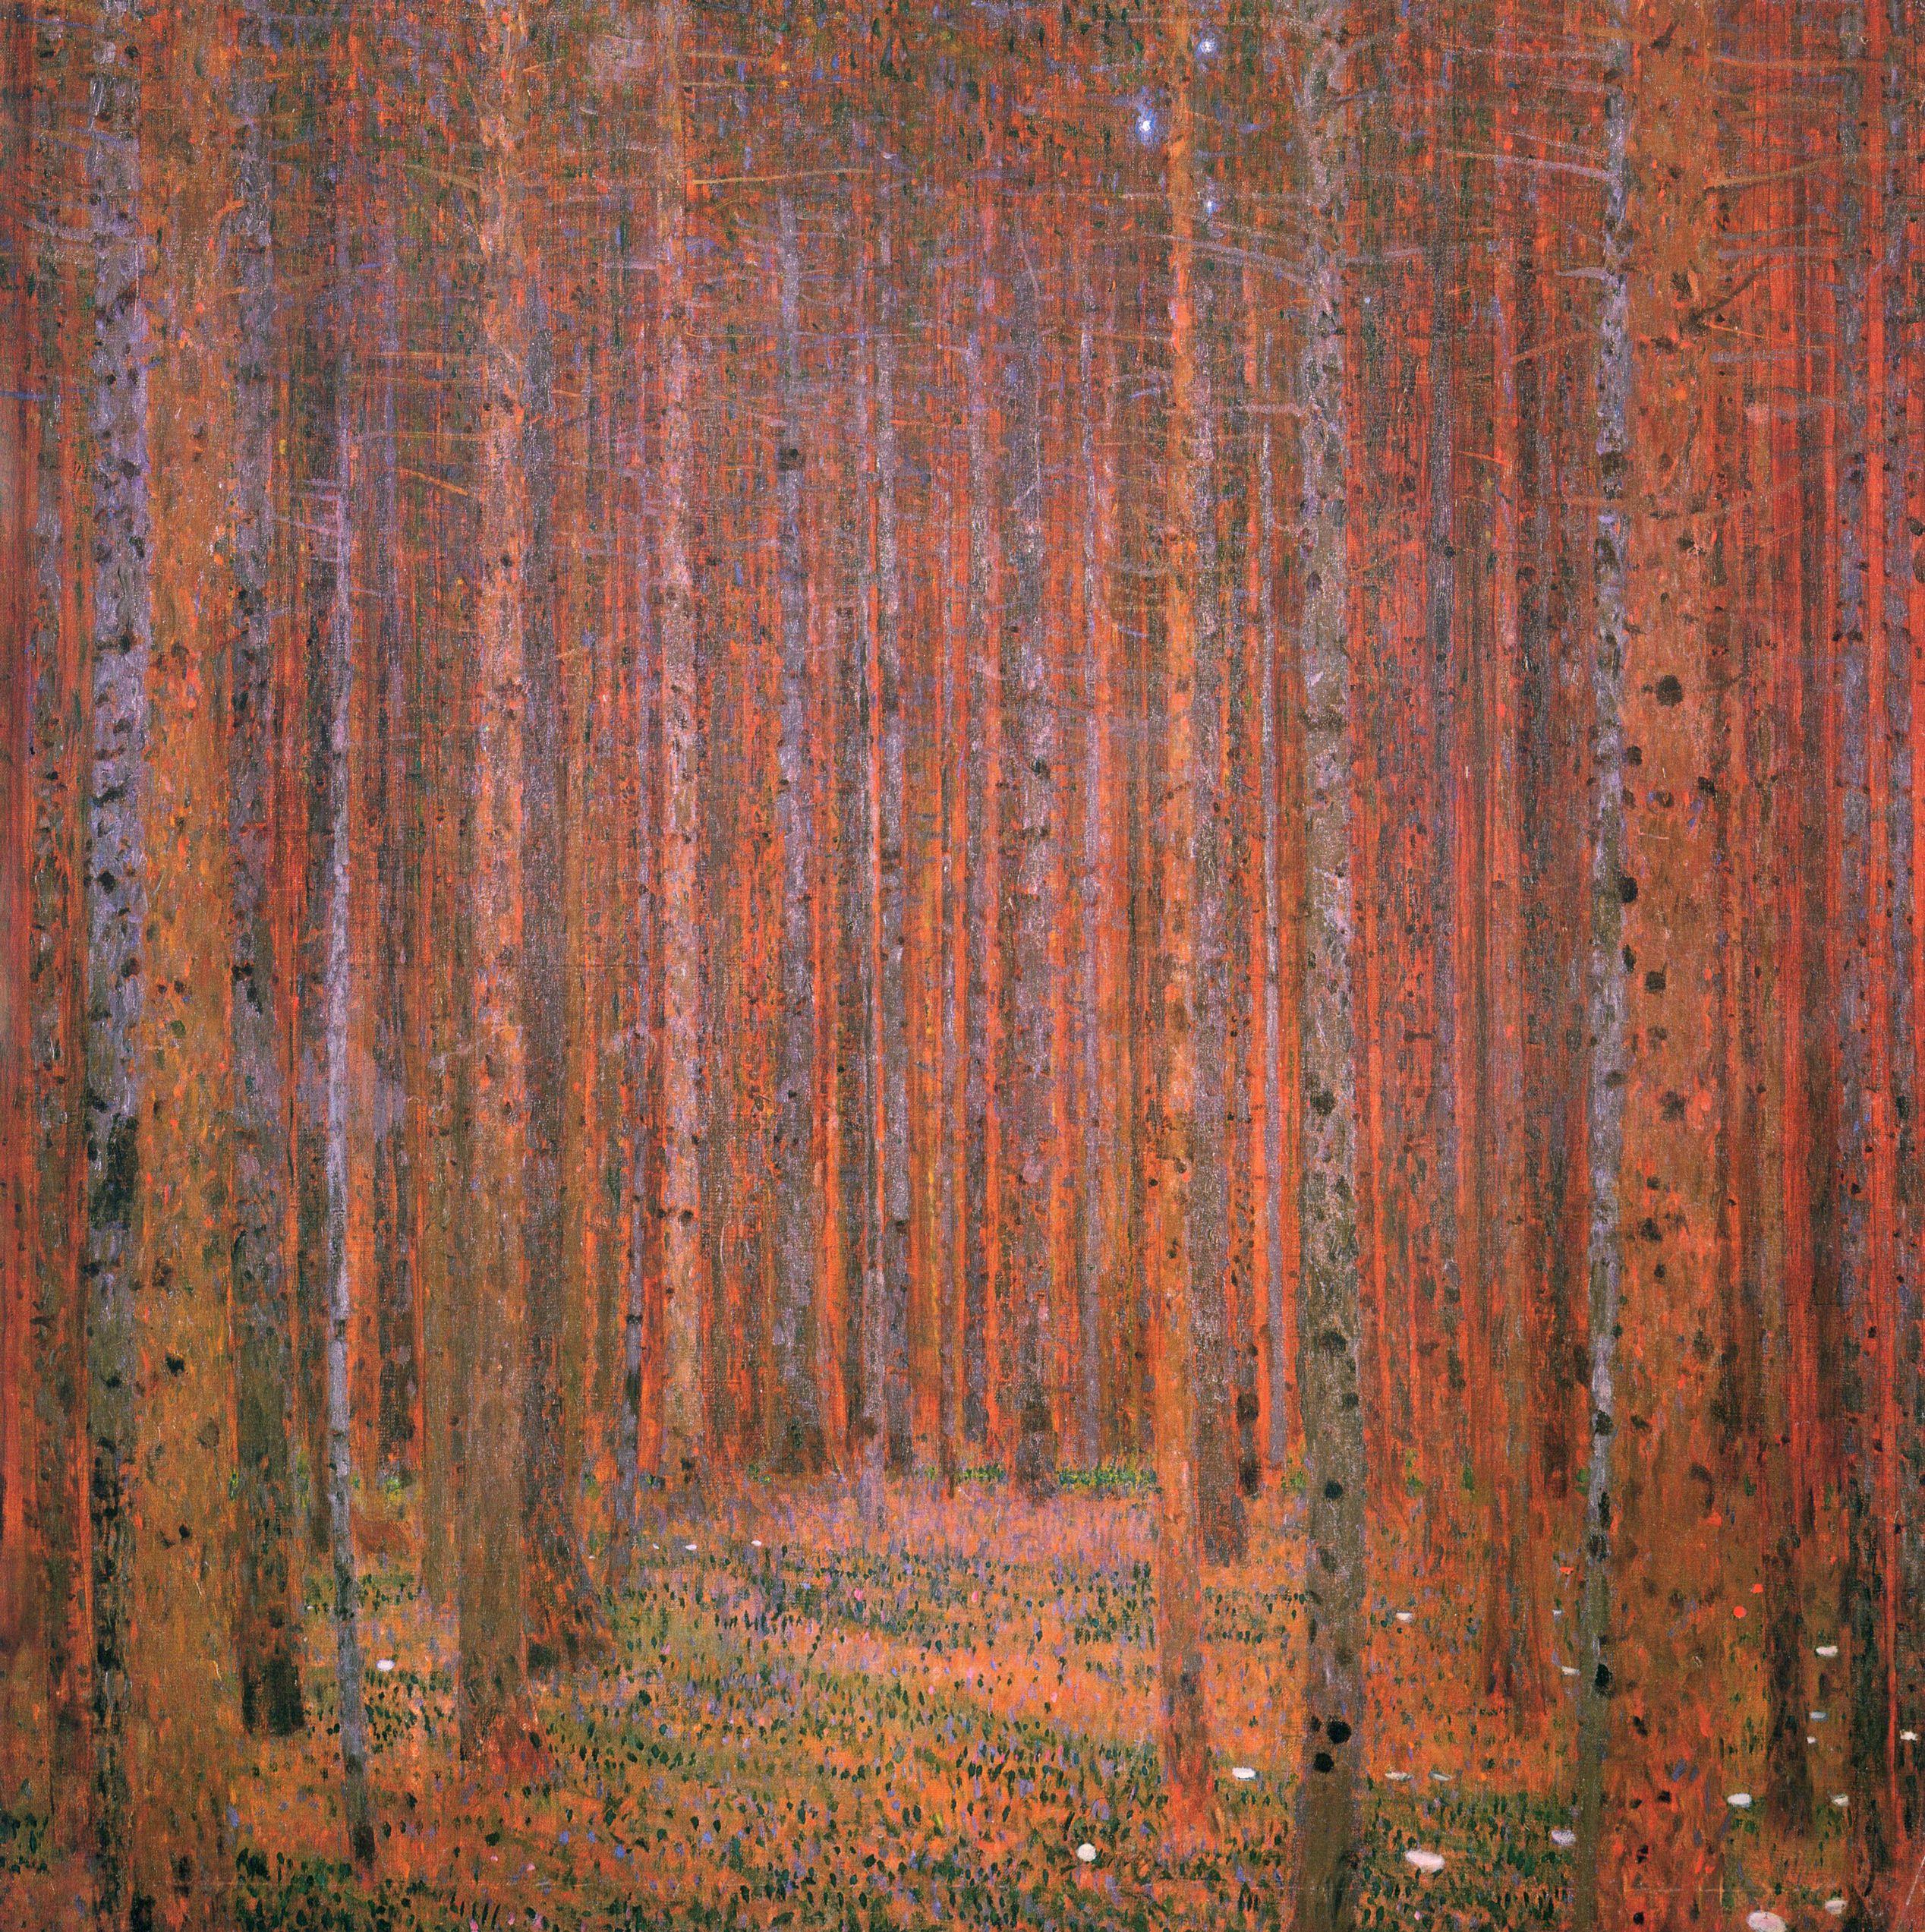 http://uploads4.wikipaintings.org/images/gustav-klimt/fir-forest-i.jpg